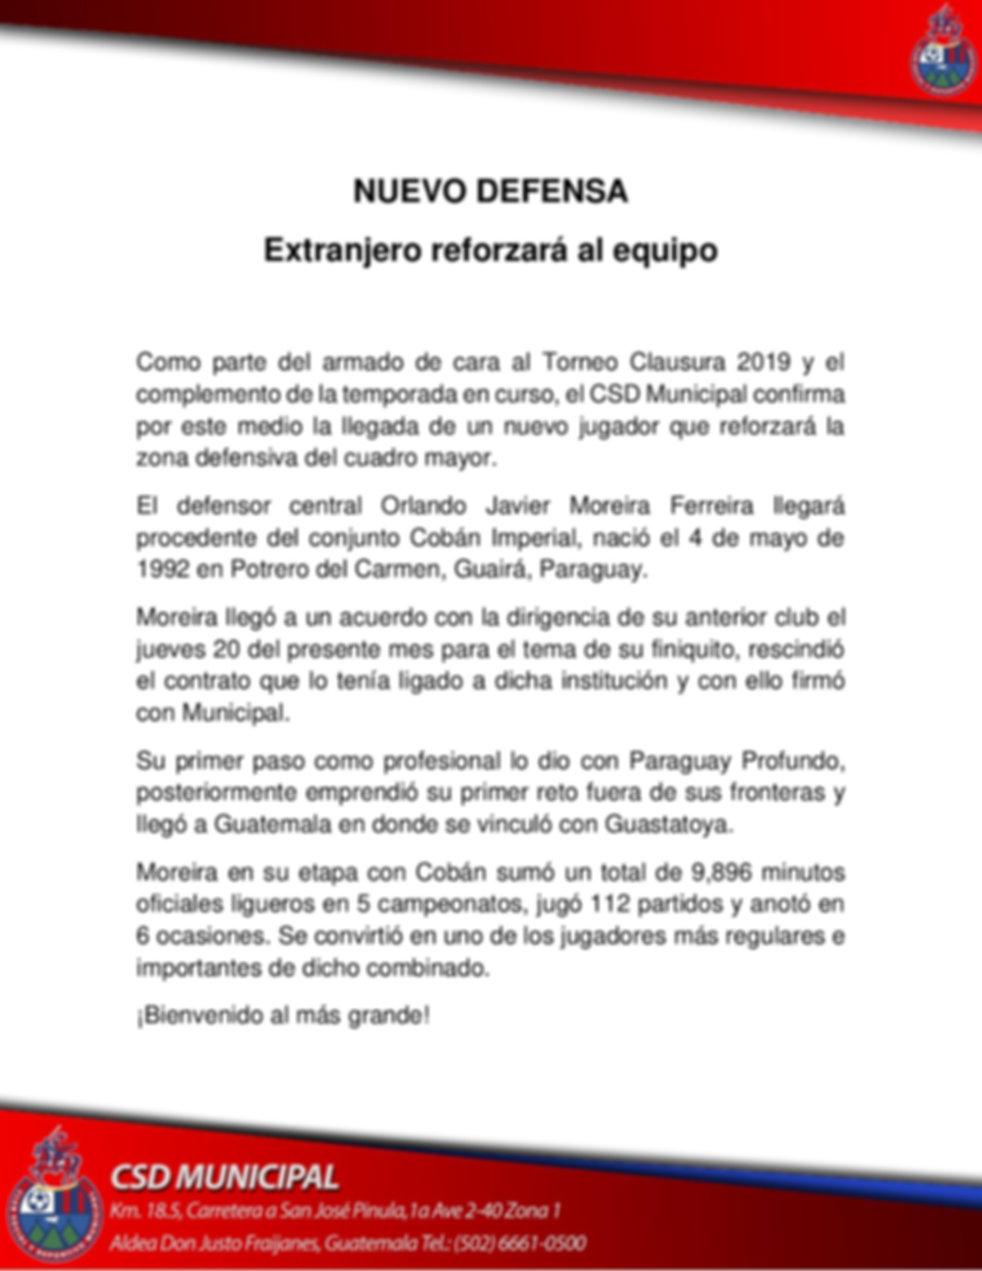 NUEVO DEFENSA - MOREIRA-001.jpg